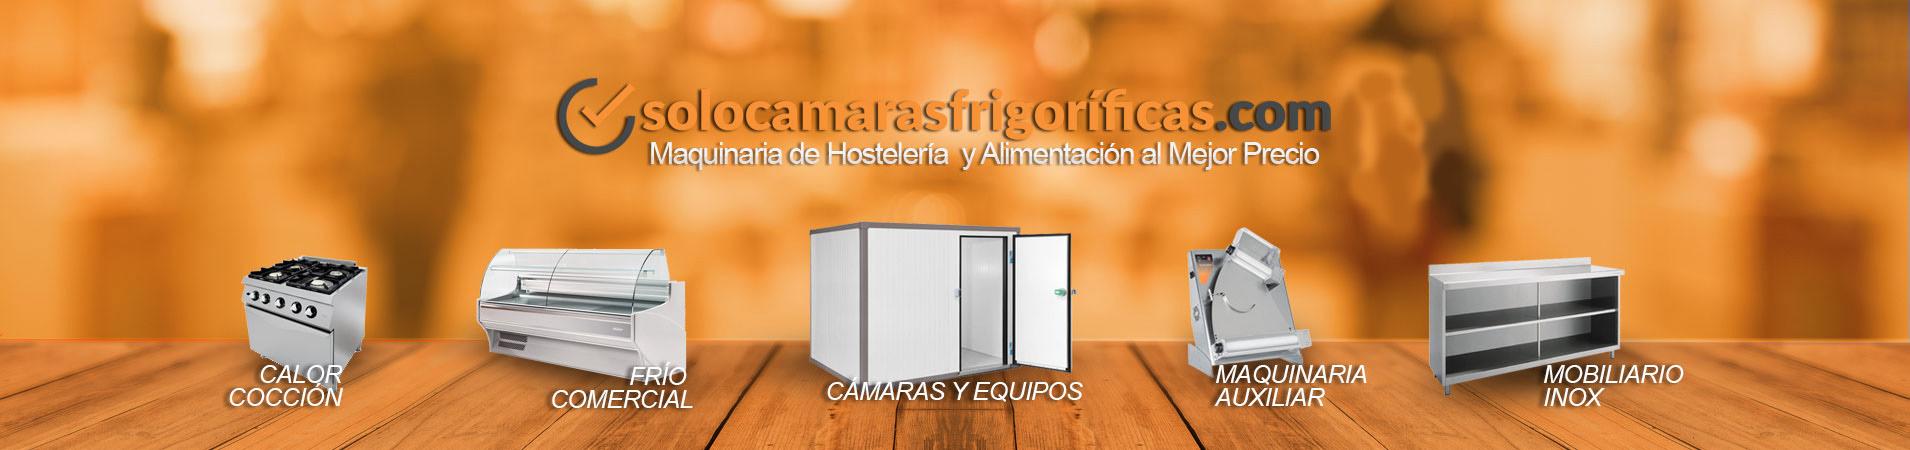 maquinaria-hosteleria-alimentacion-camaras-frigorificas-slideshow